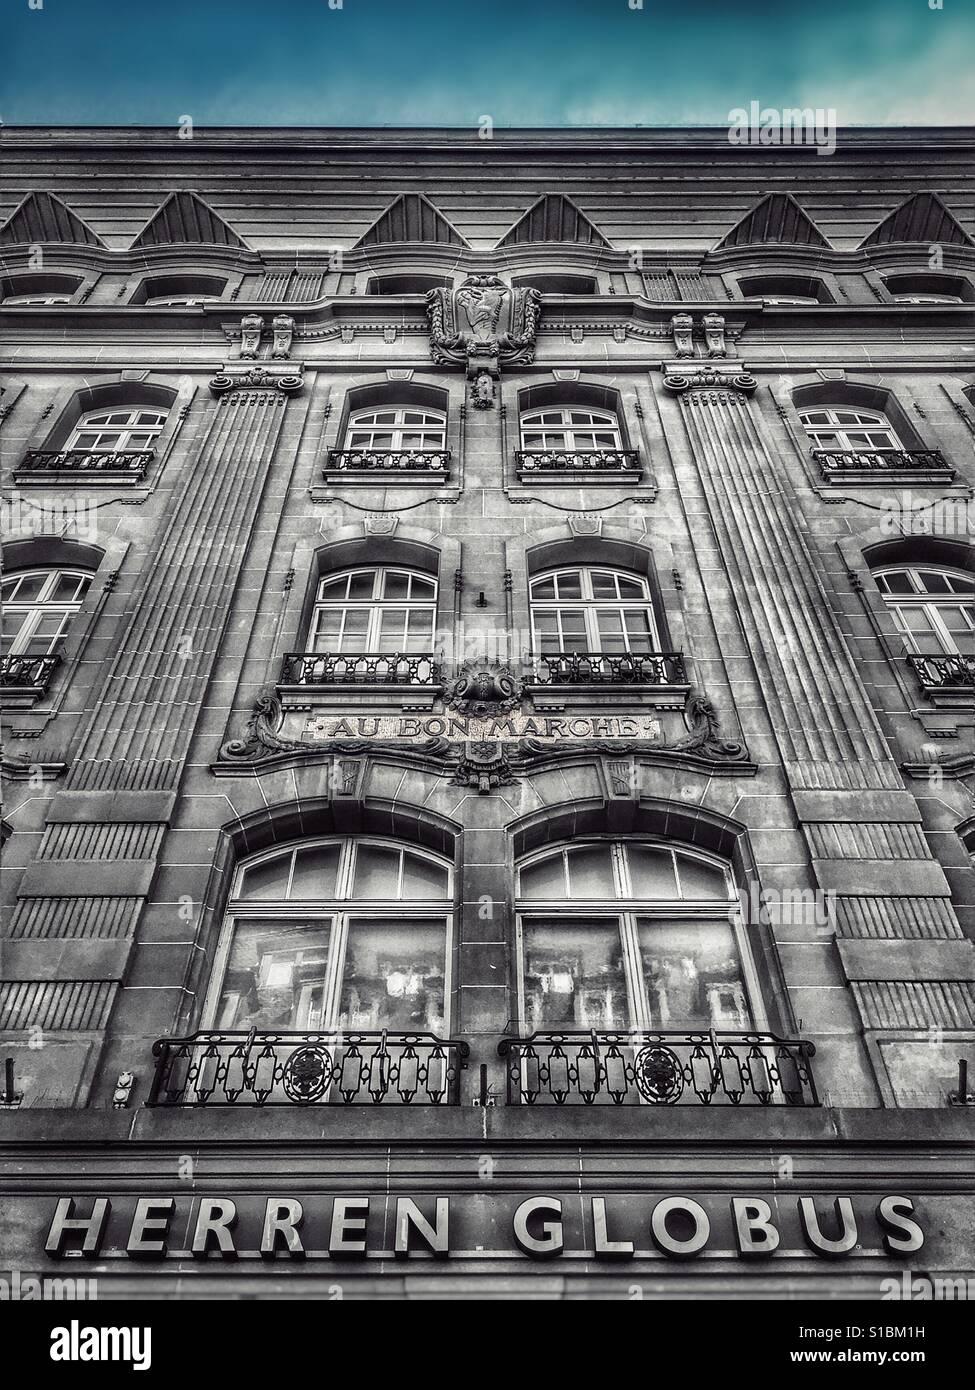 Facade of Herren Globus store, Bern, Switzerland - Stock Image